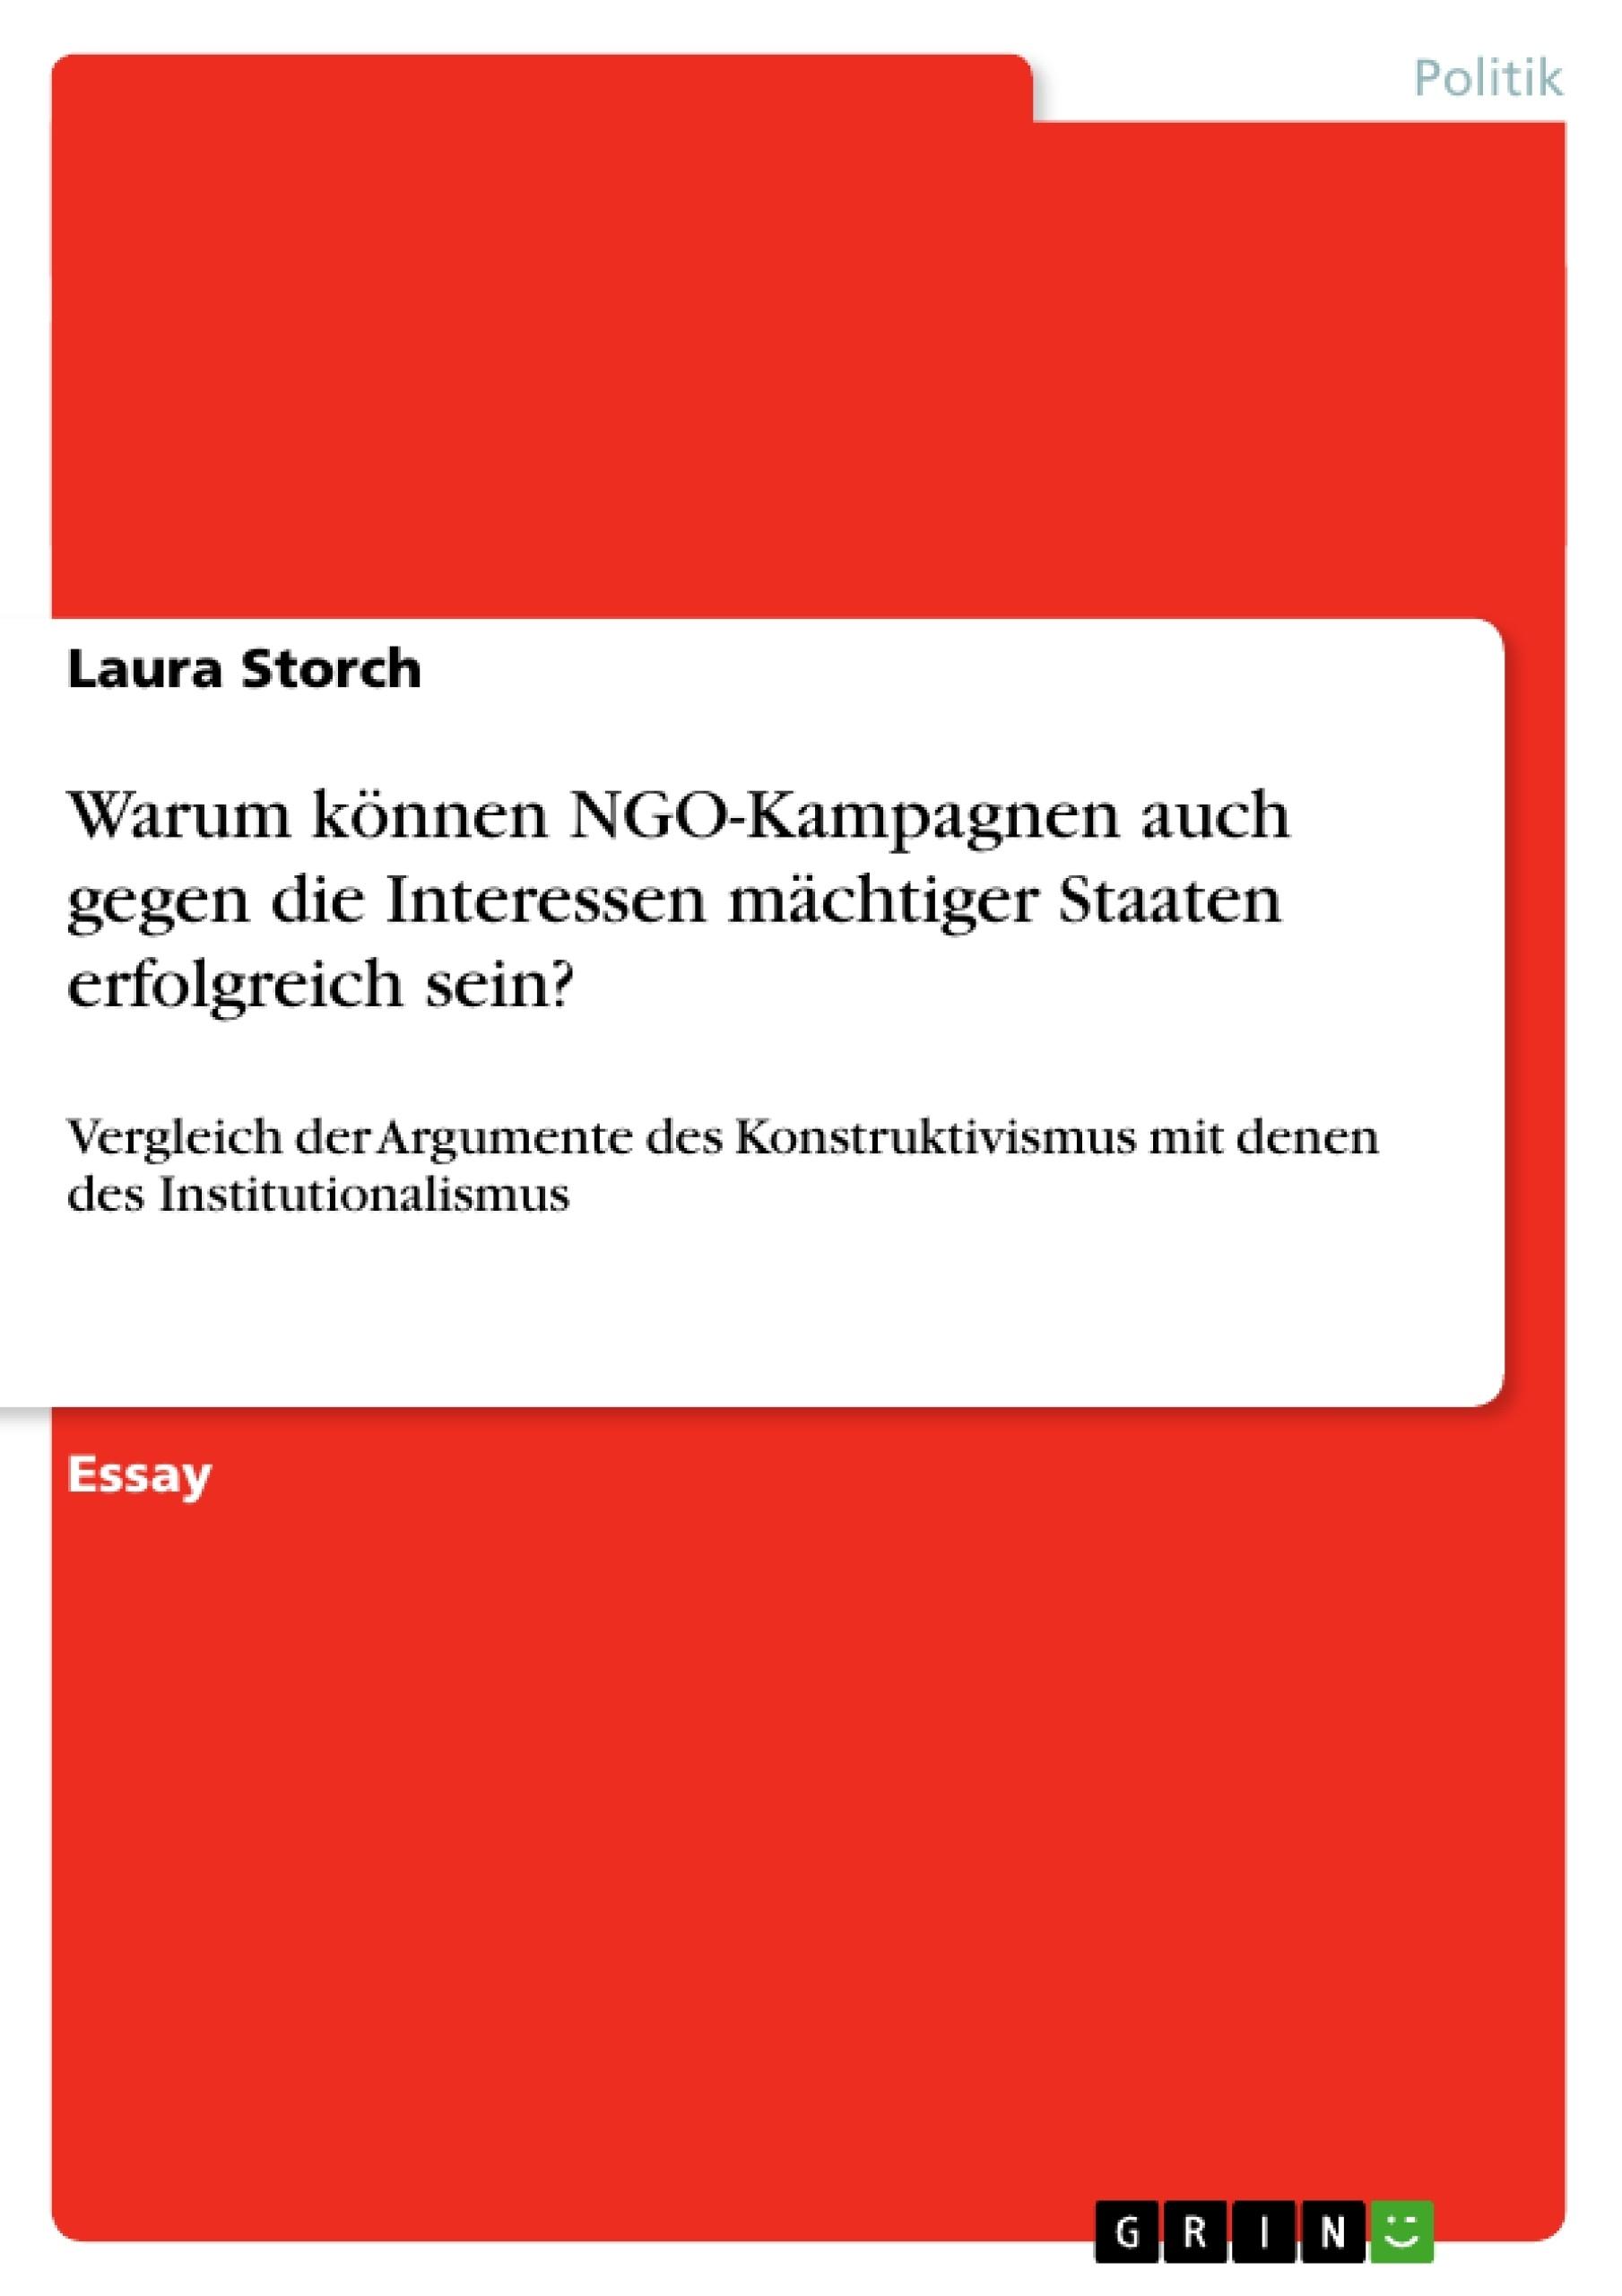 Titel: Warum können NGO-Kampagnen auch gegen die Interessen mächtiger Staaten erfolgreich sein?